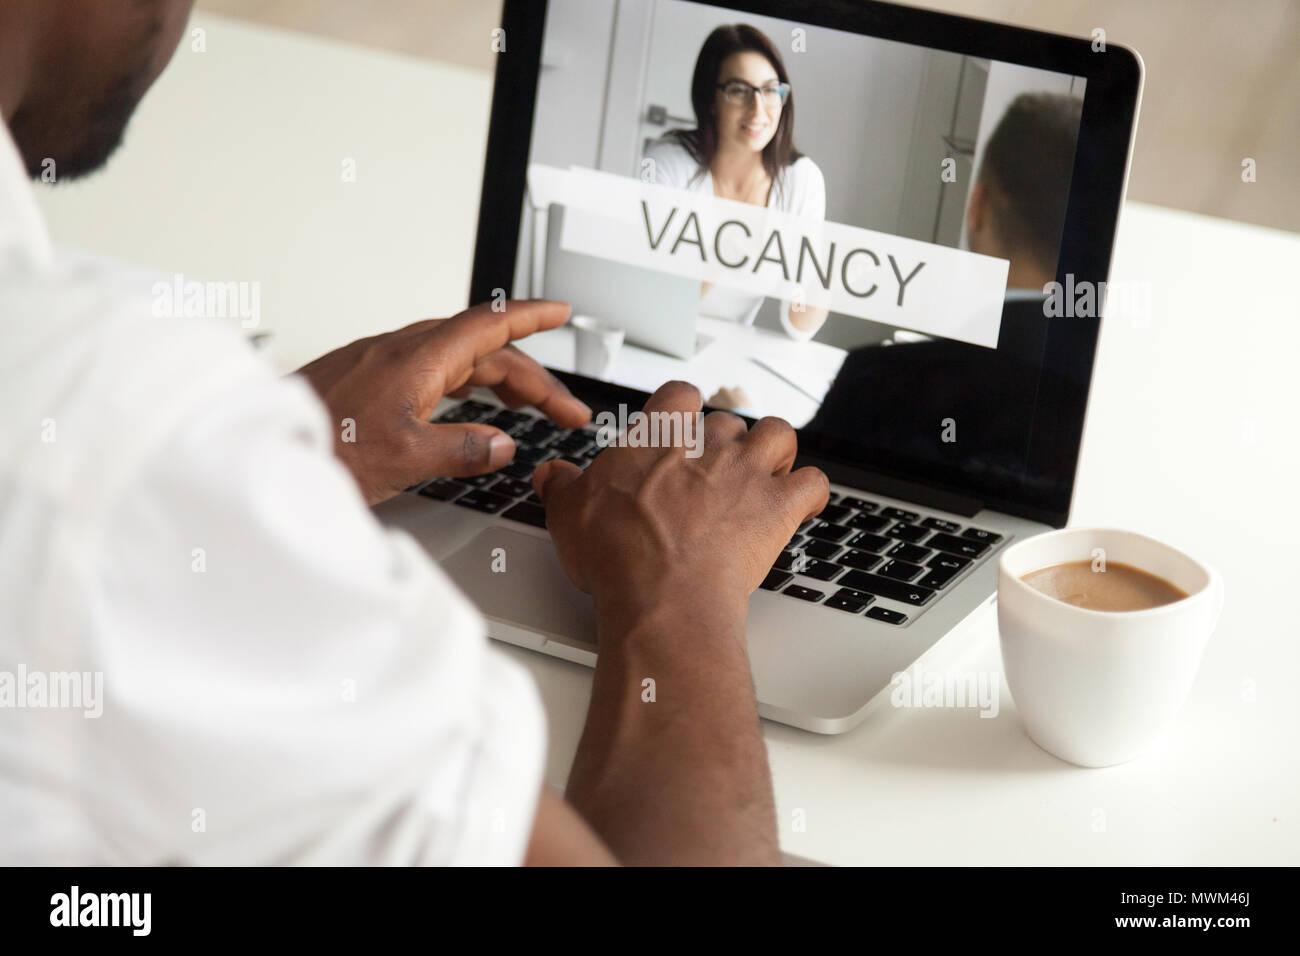 Close up uomo nero risponde a aprire la posizione di lavoro online Immagini Stock